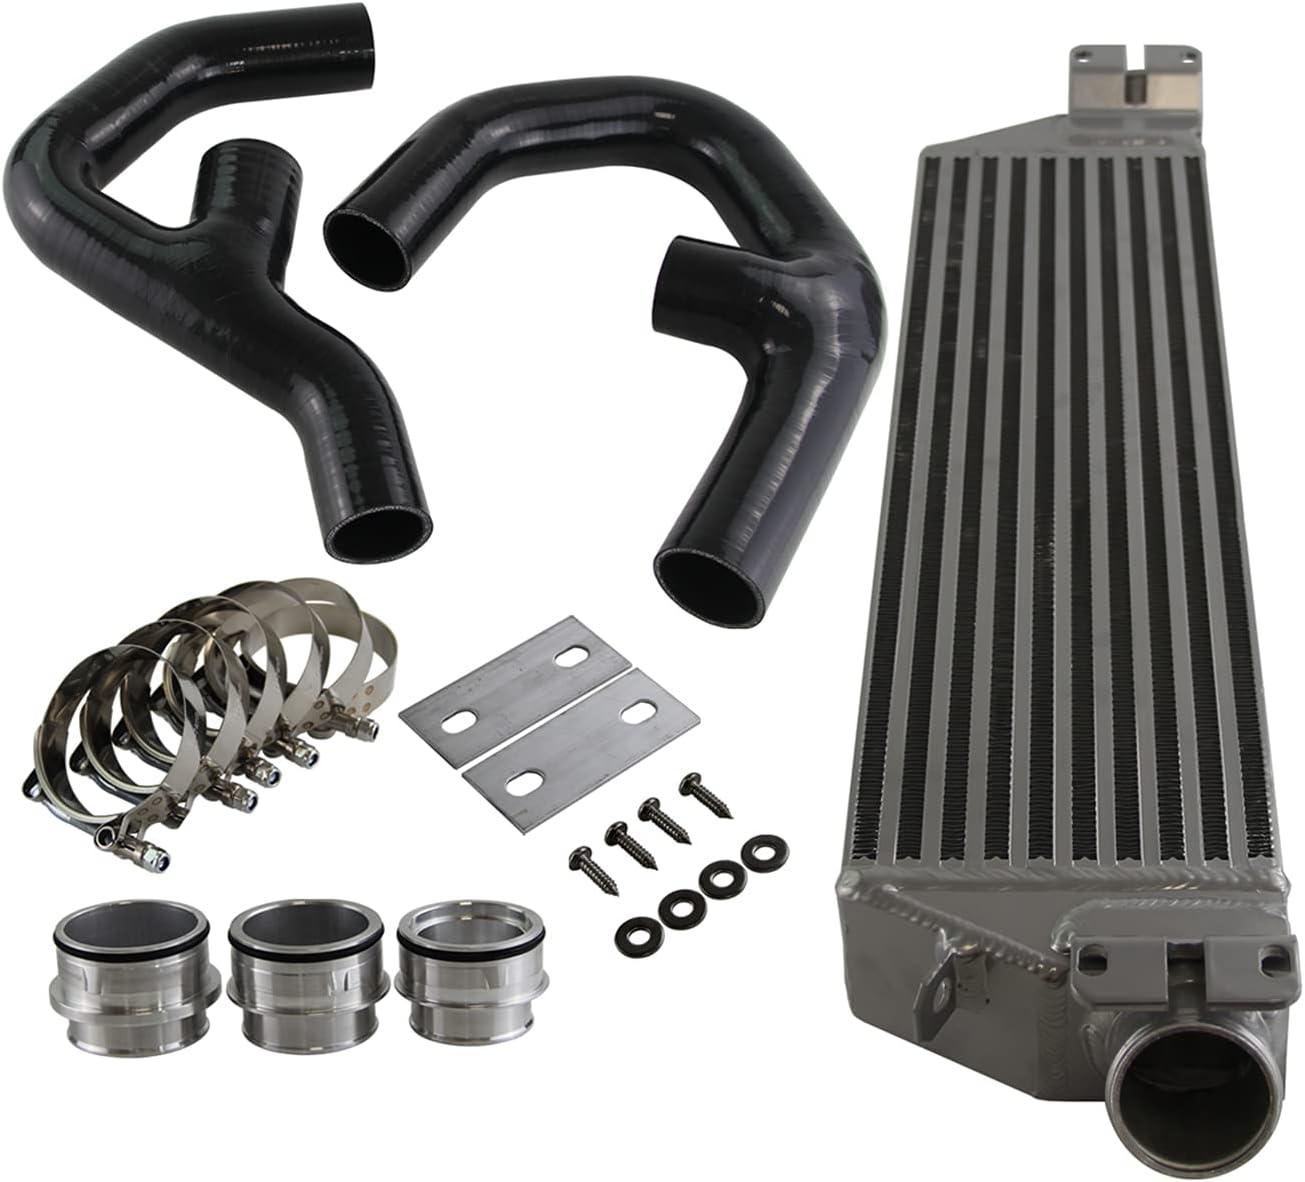 Fmic Turbo Intercooler Kit fits for Audi Mk5 Mk6 Gti A3 Max 40% OFF Classic Golf VW